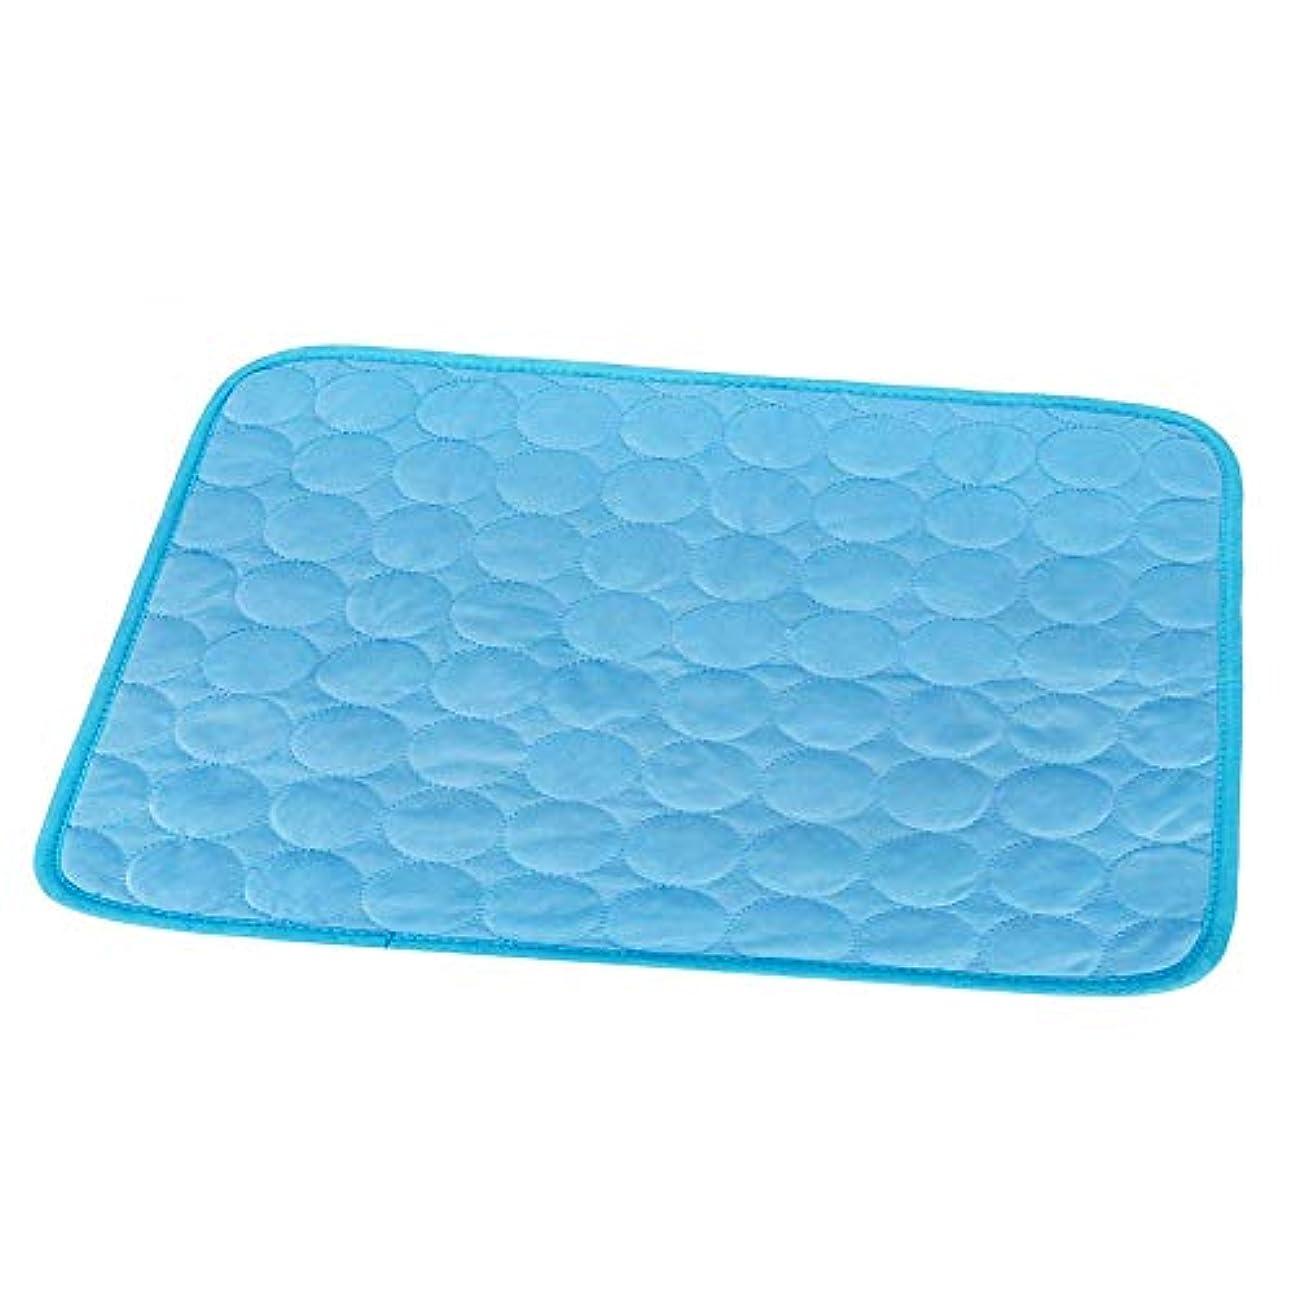 学習者プロジェクターアンビエントクールマット ひんやりマット ひんやり枕 冷感敷きパッド タオル地 通気性が良い 接触冷感 涼感冷感クッション